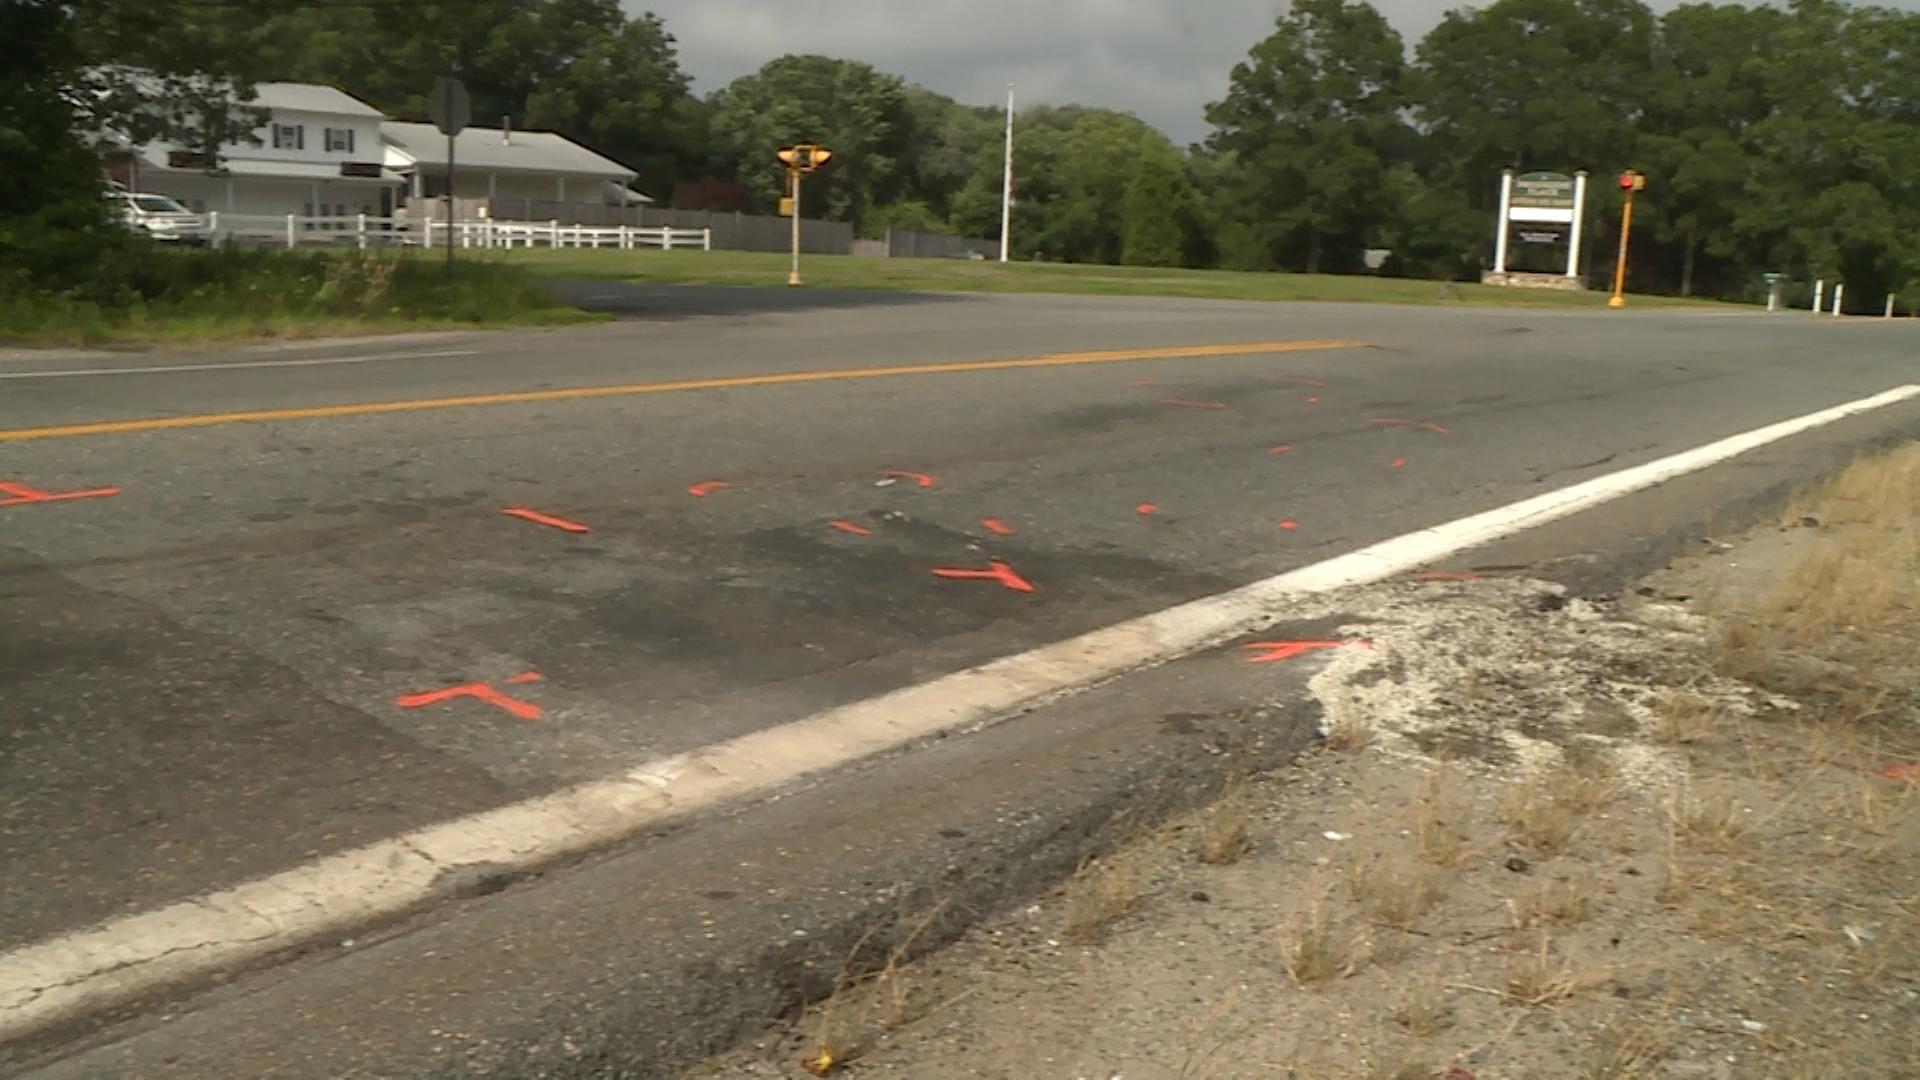 Fall River man killed in Westport motorcycle crash | WPRI com